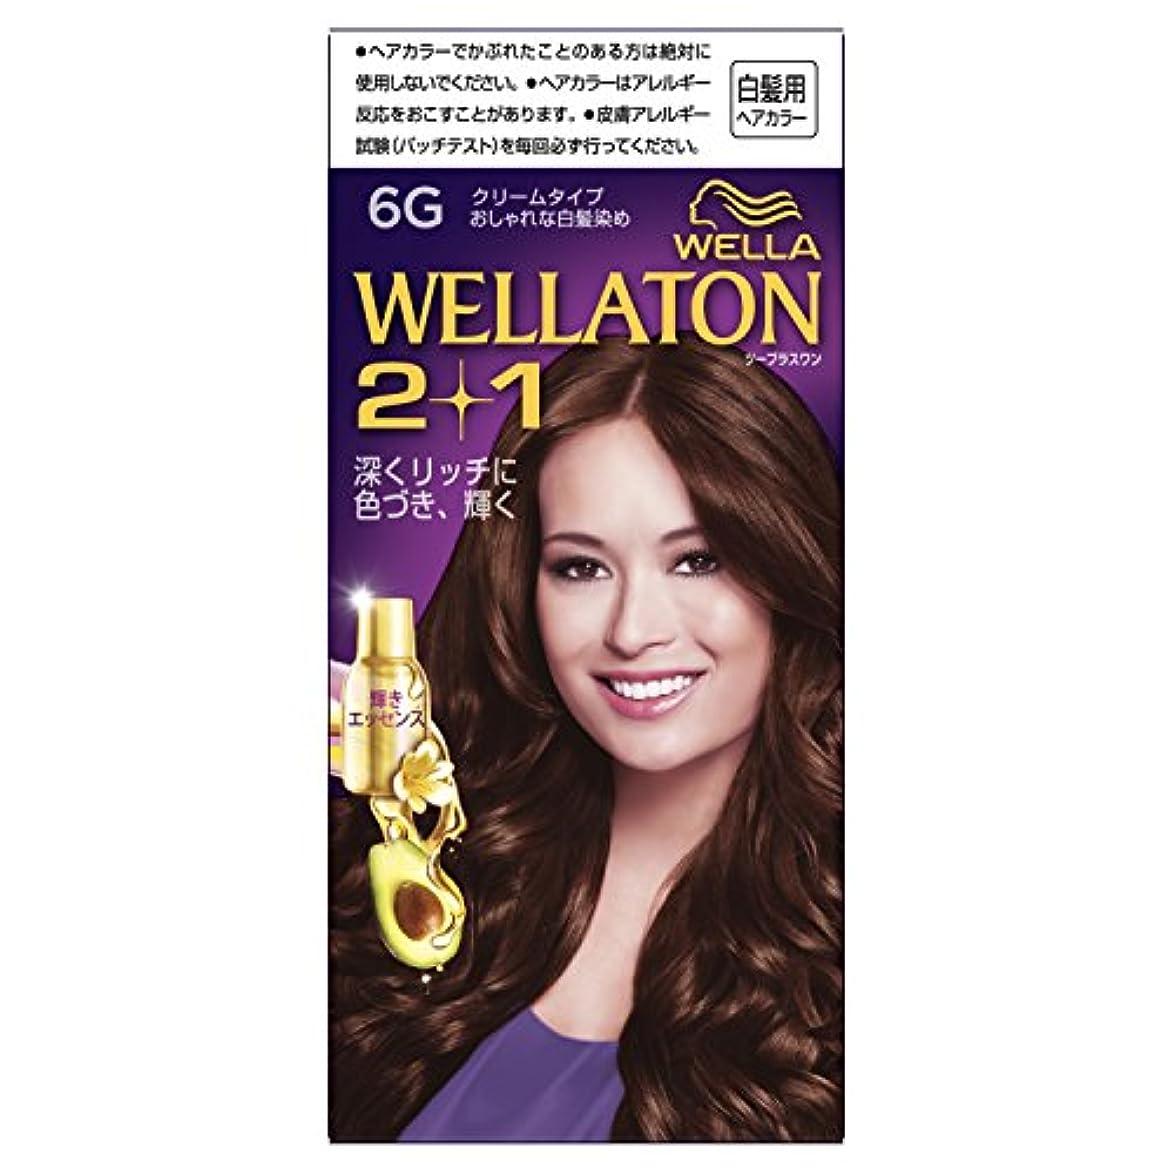 報いる時期待するウエラトーン2+1 クリームタイプ 6G [医薬部外品](おしゃれな白髪染め)